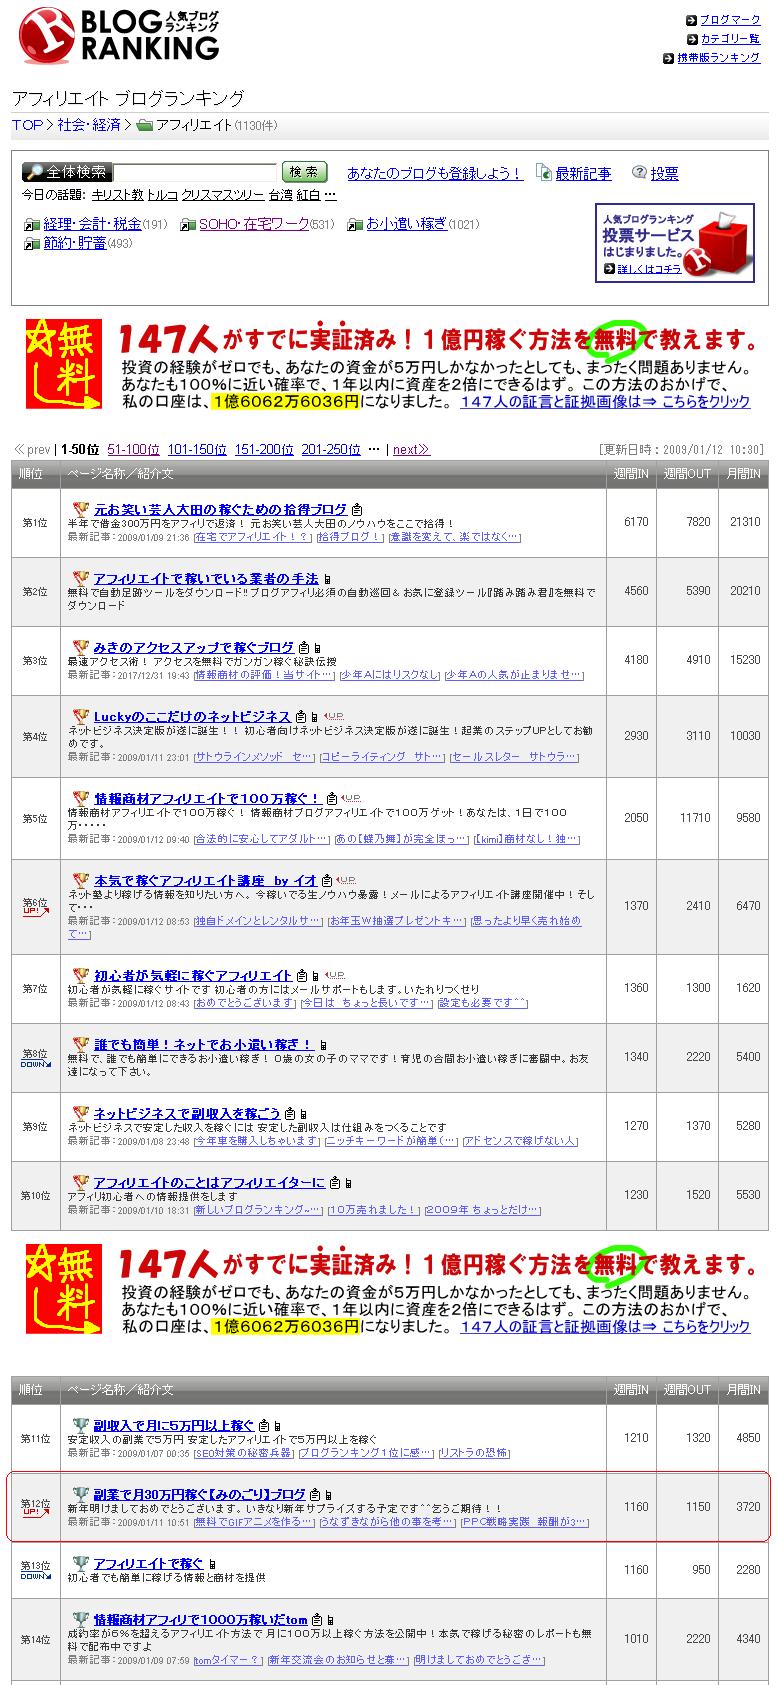 人気ブログランキング結果